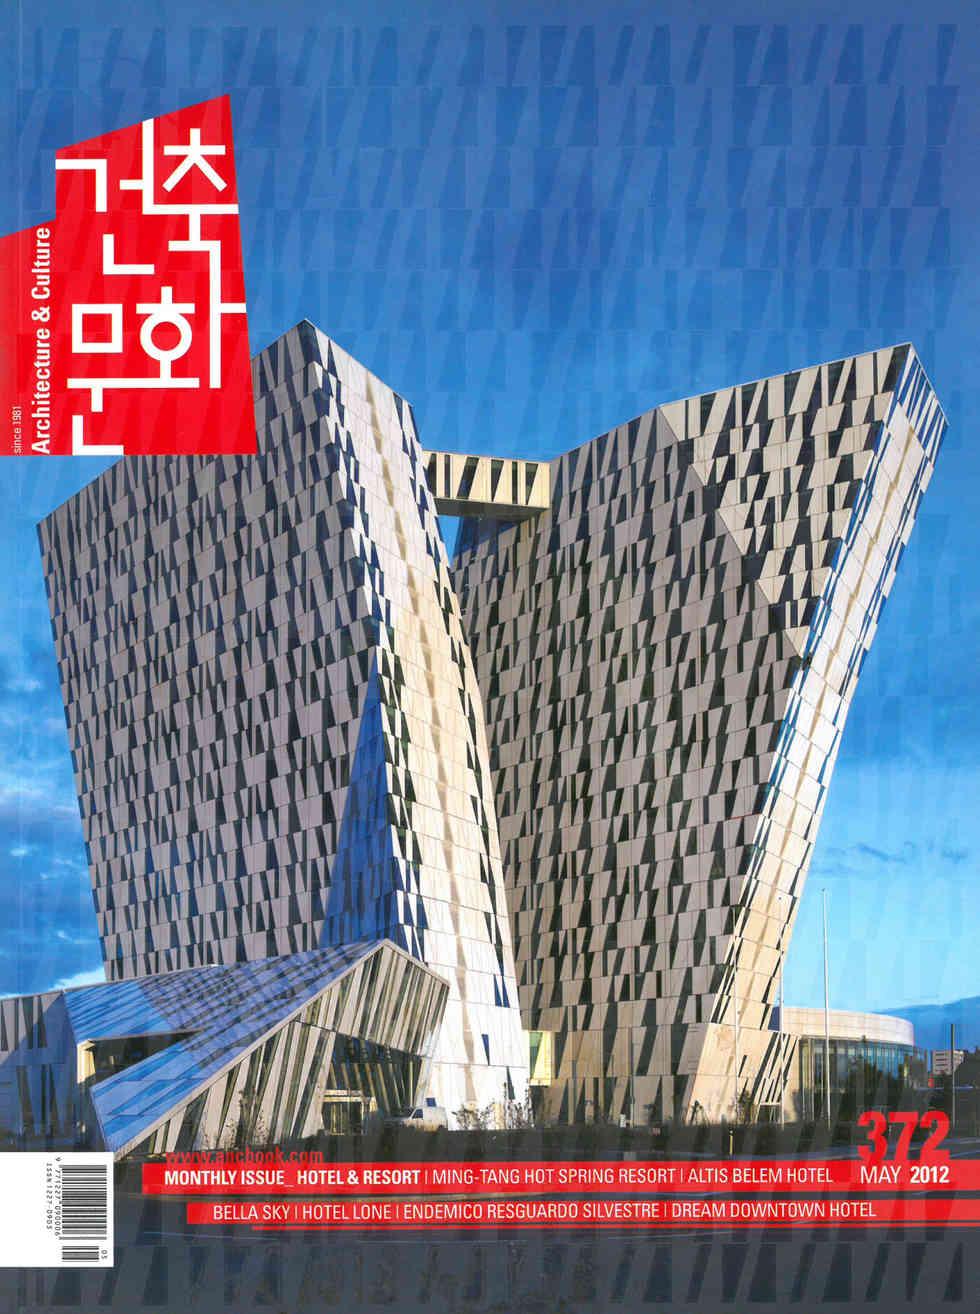 건축문화372_역삼 skip puzzle house-1.jpg